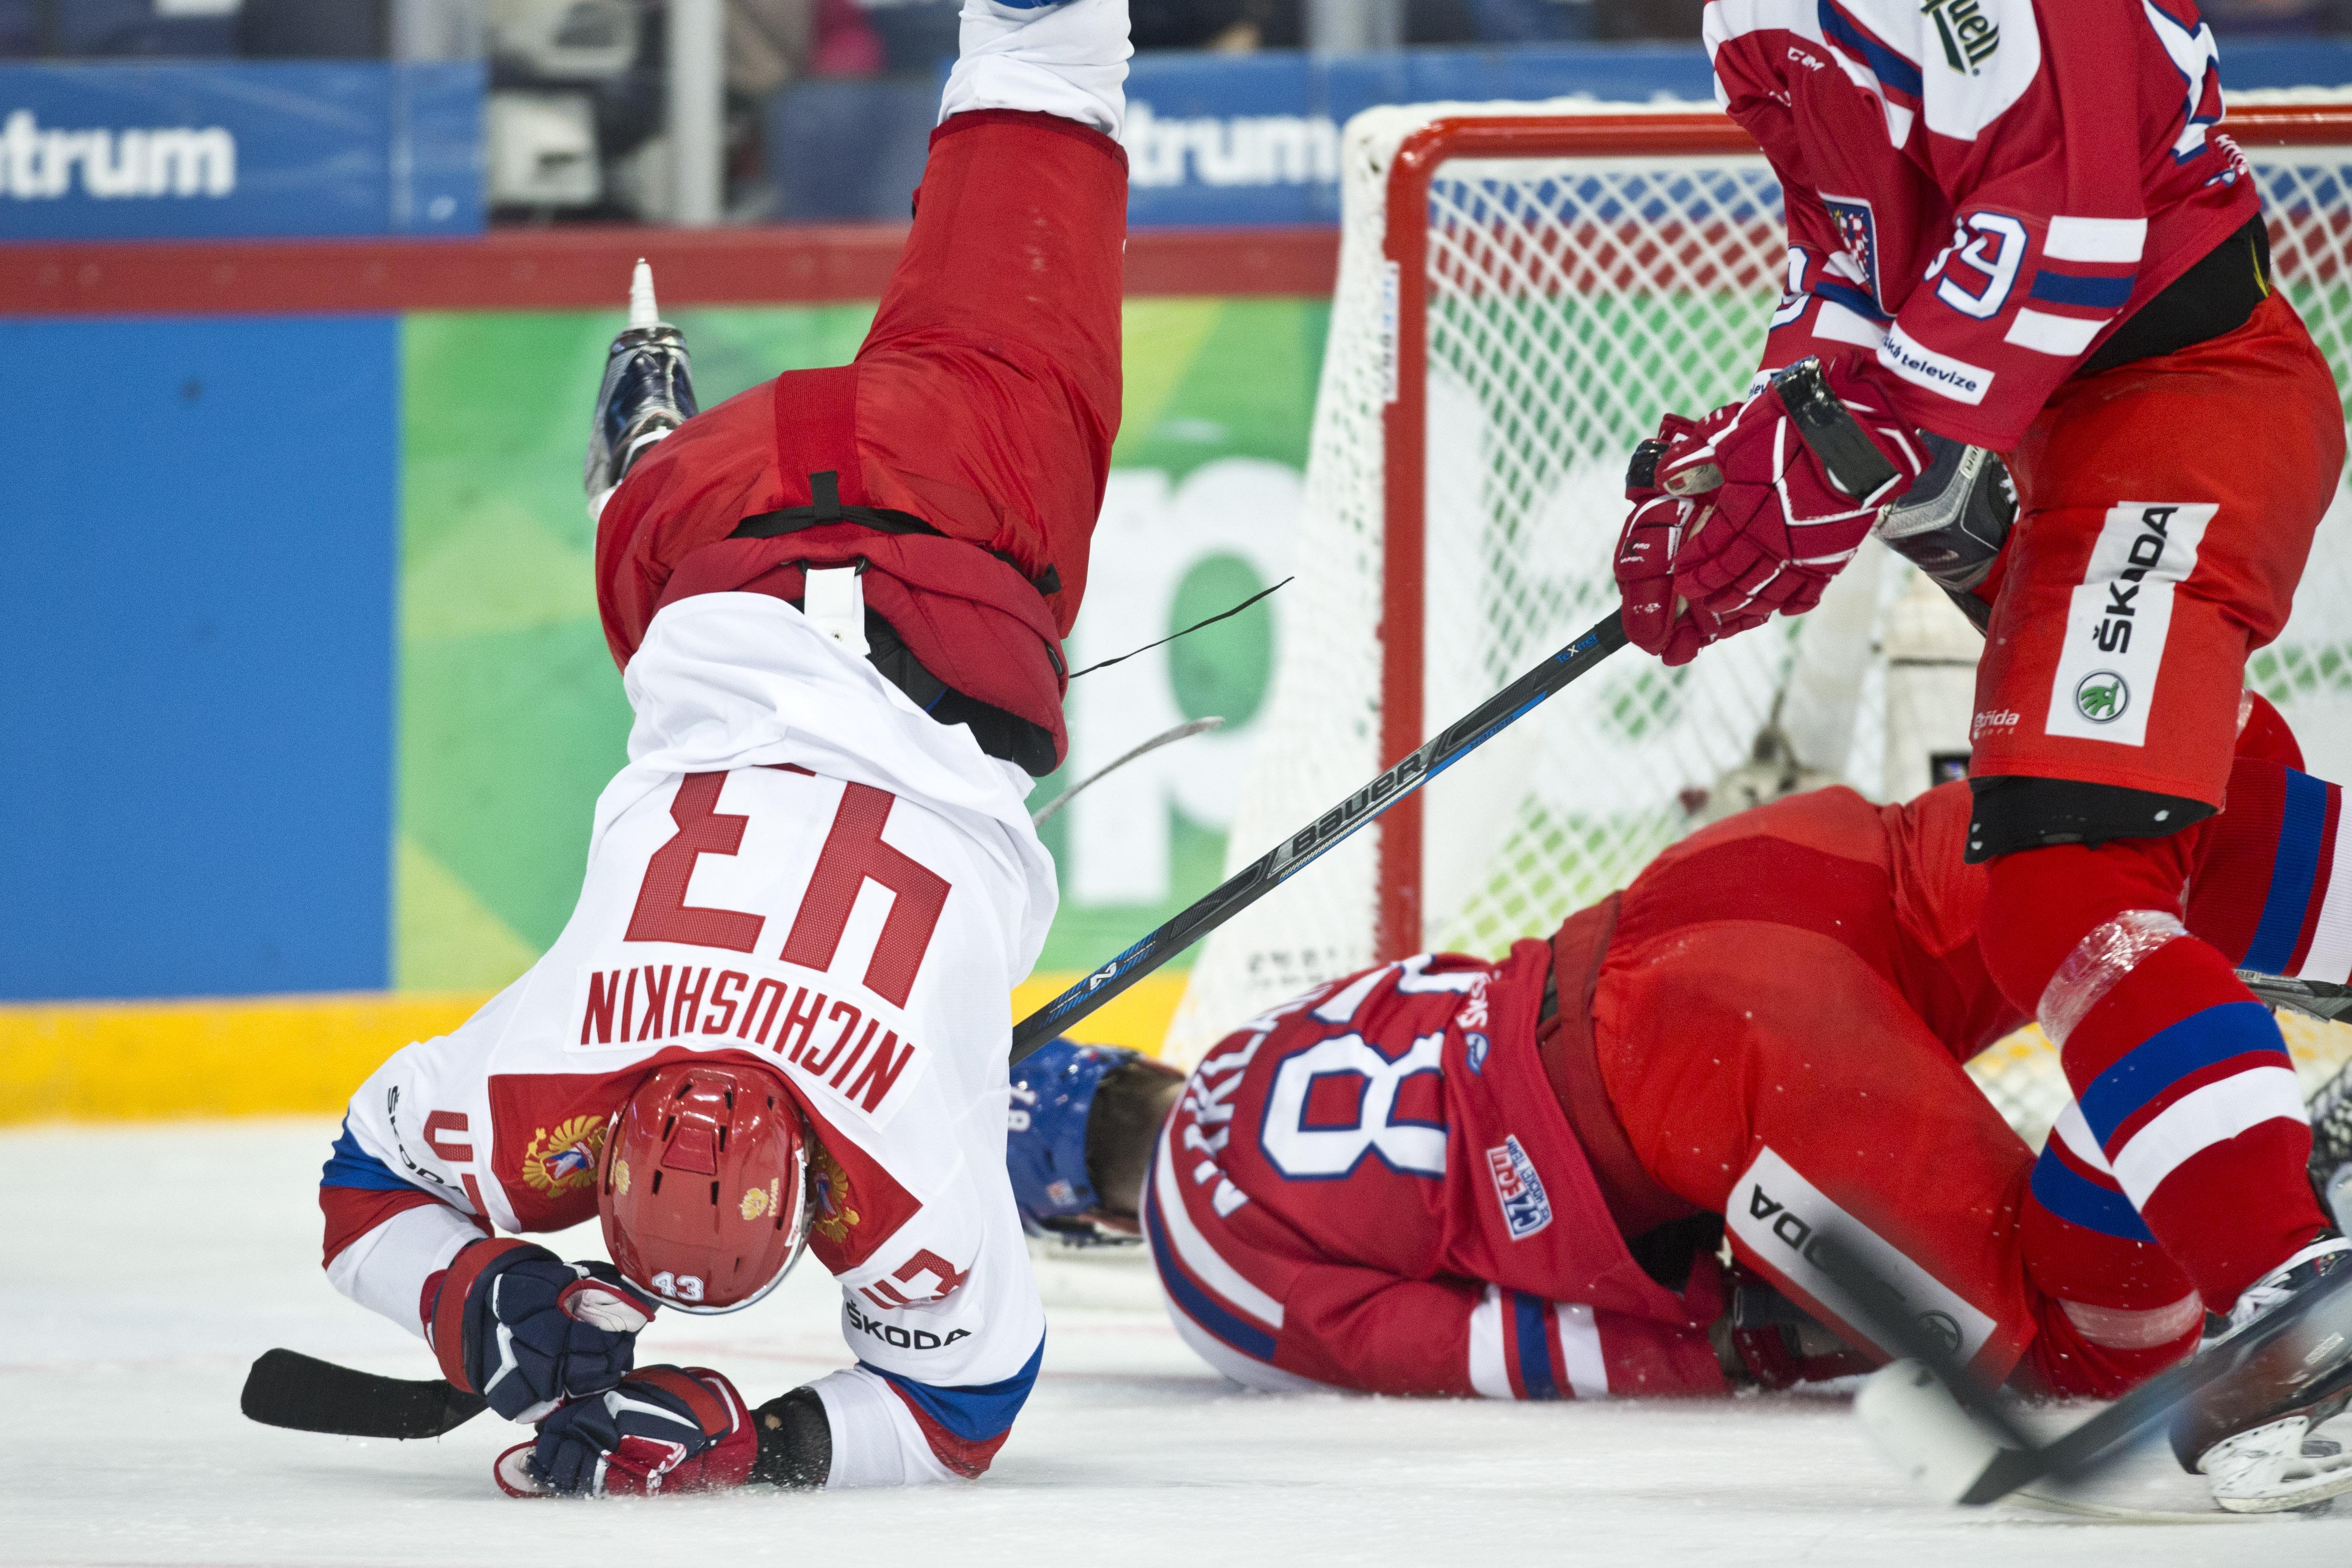 Icehockey Karjala tournament Russia - Czech